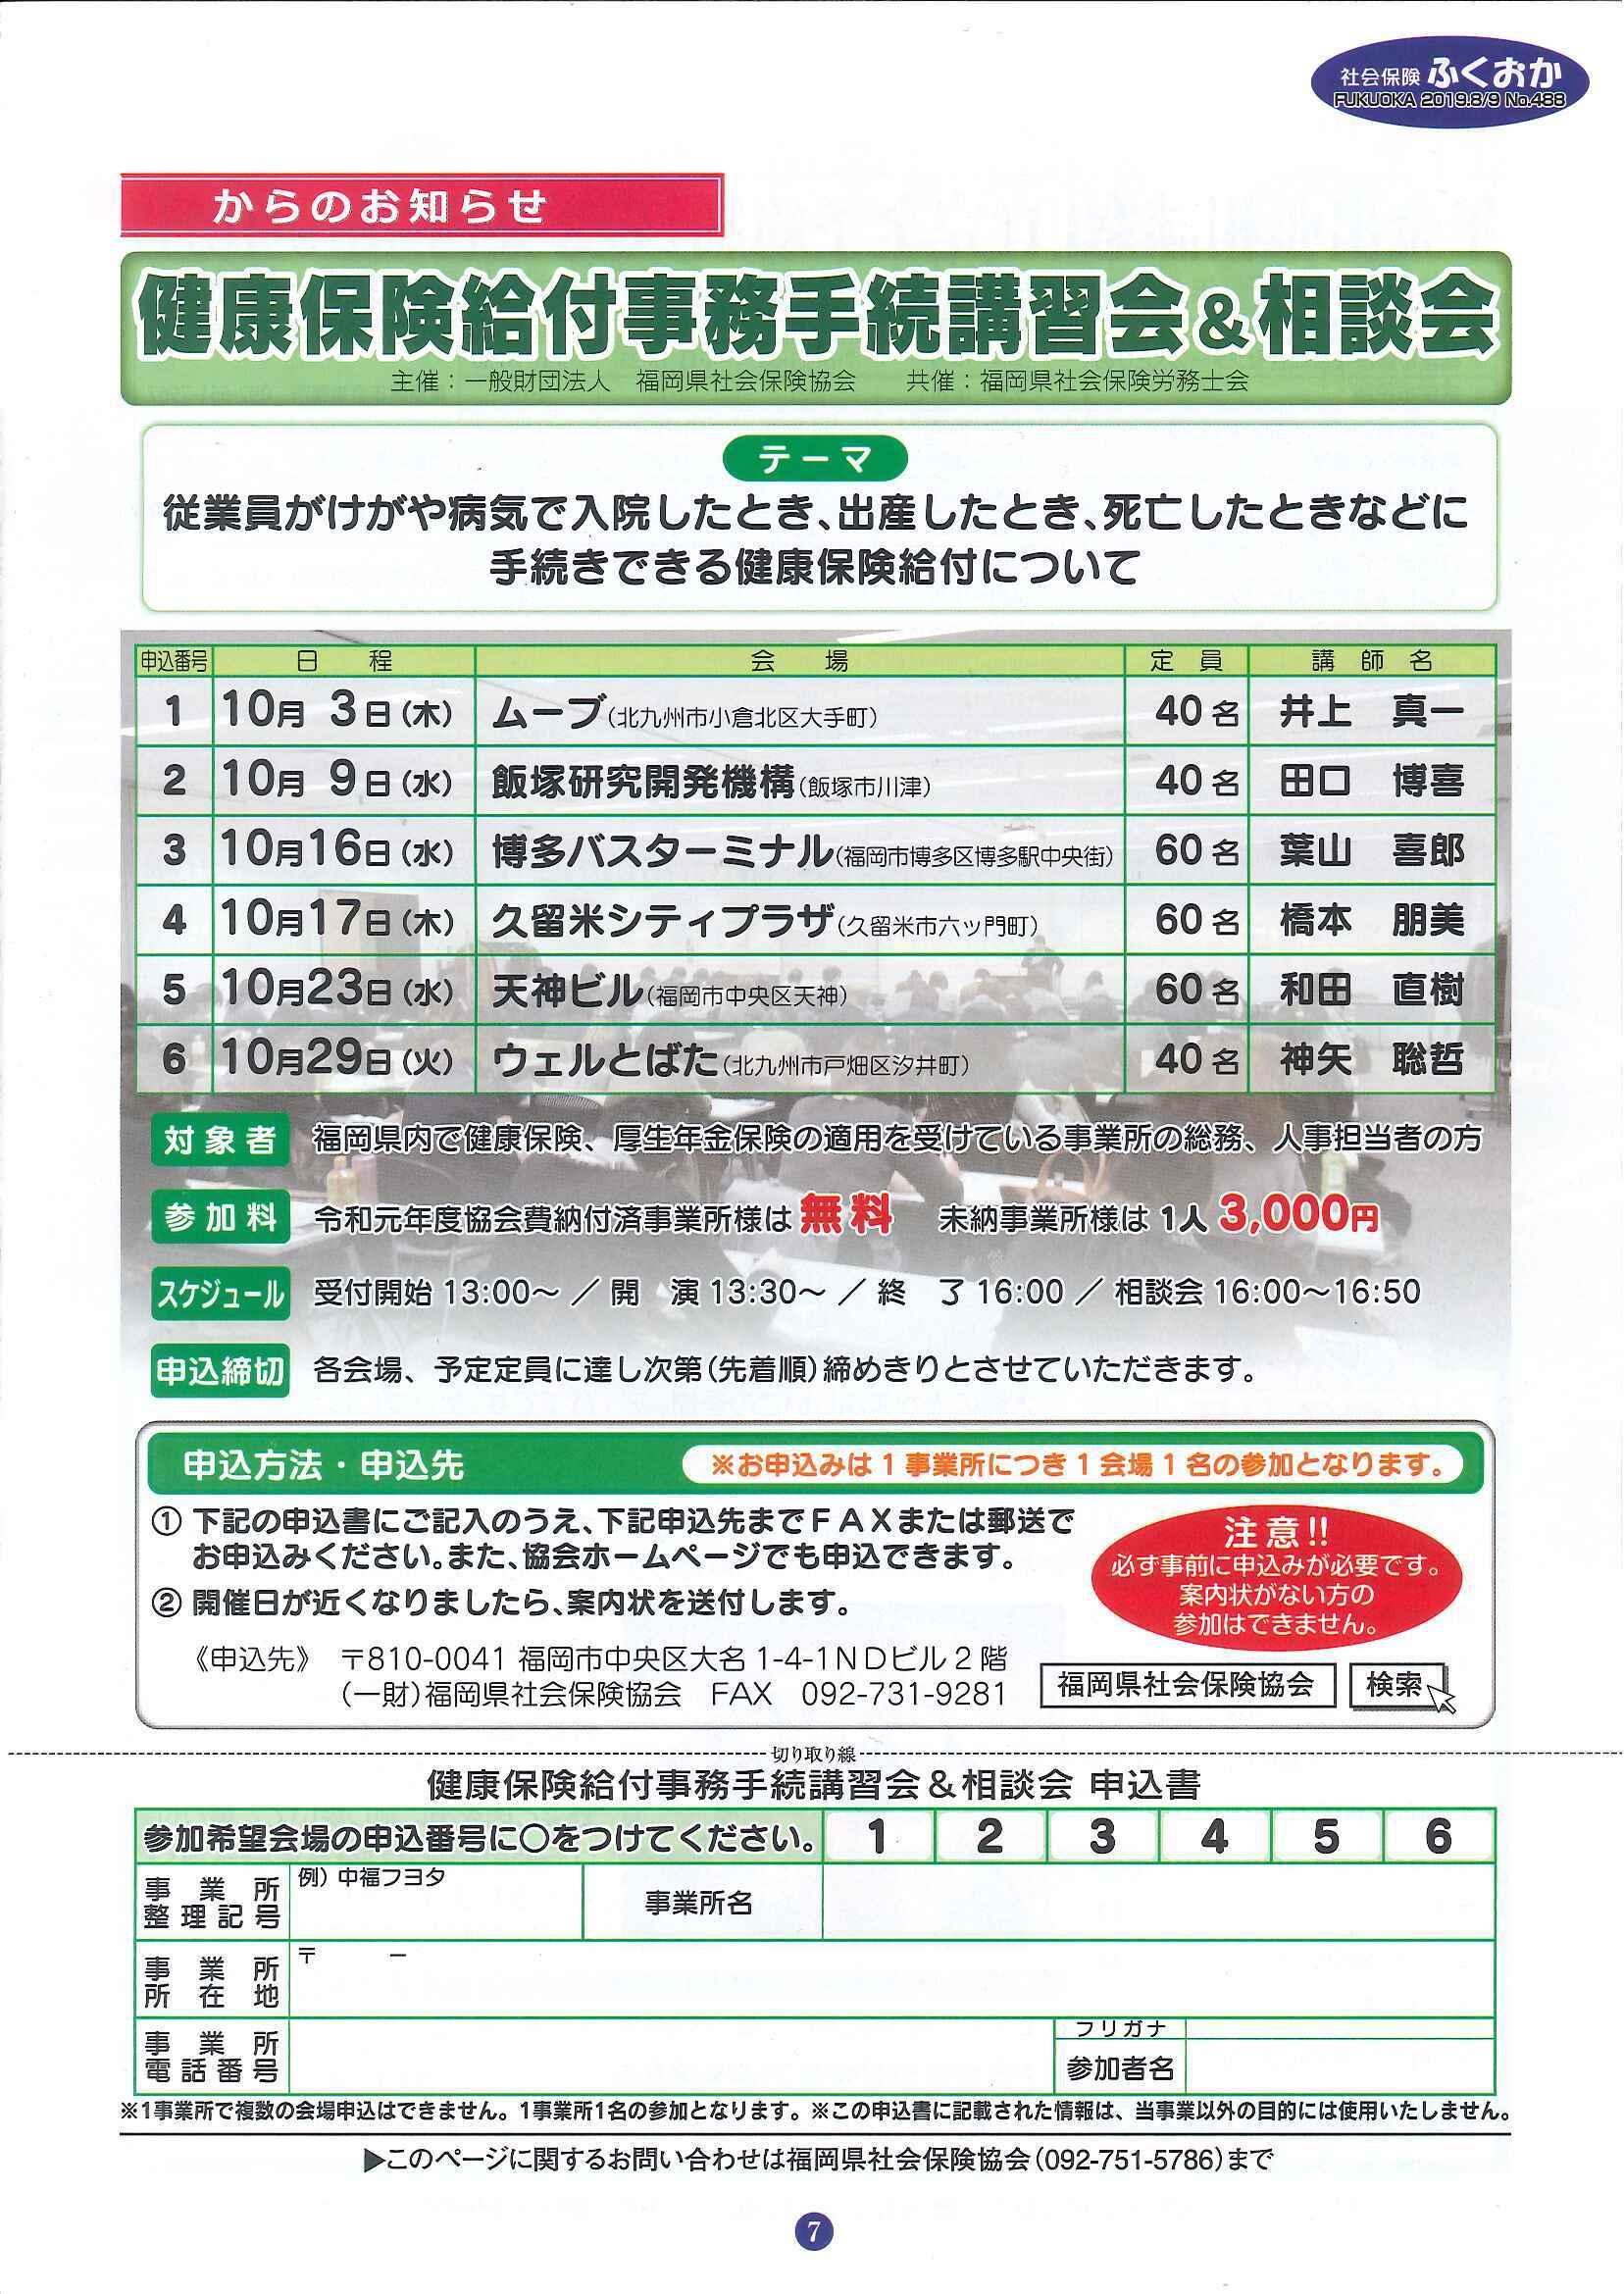 社会保険 ふくおか 2019年8・9月号_f0120774_15462433.jpg